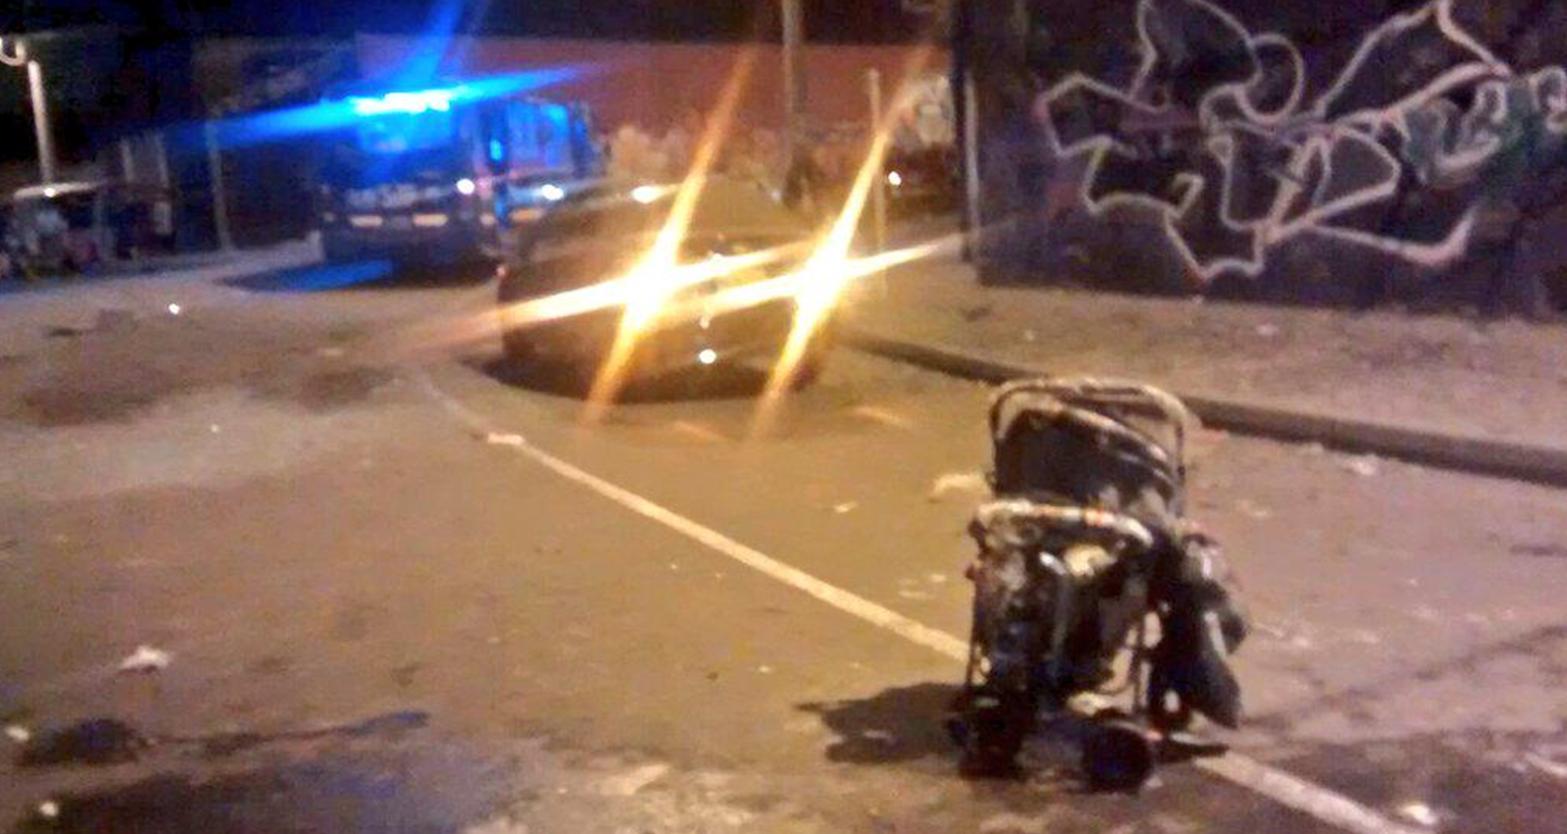 Imagen de la explosión que tuvo lugar en un parqueadero ubicado en la calle 67 con carrera 113. Foto: @BomberosBogota